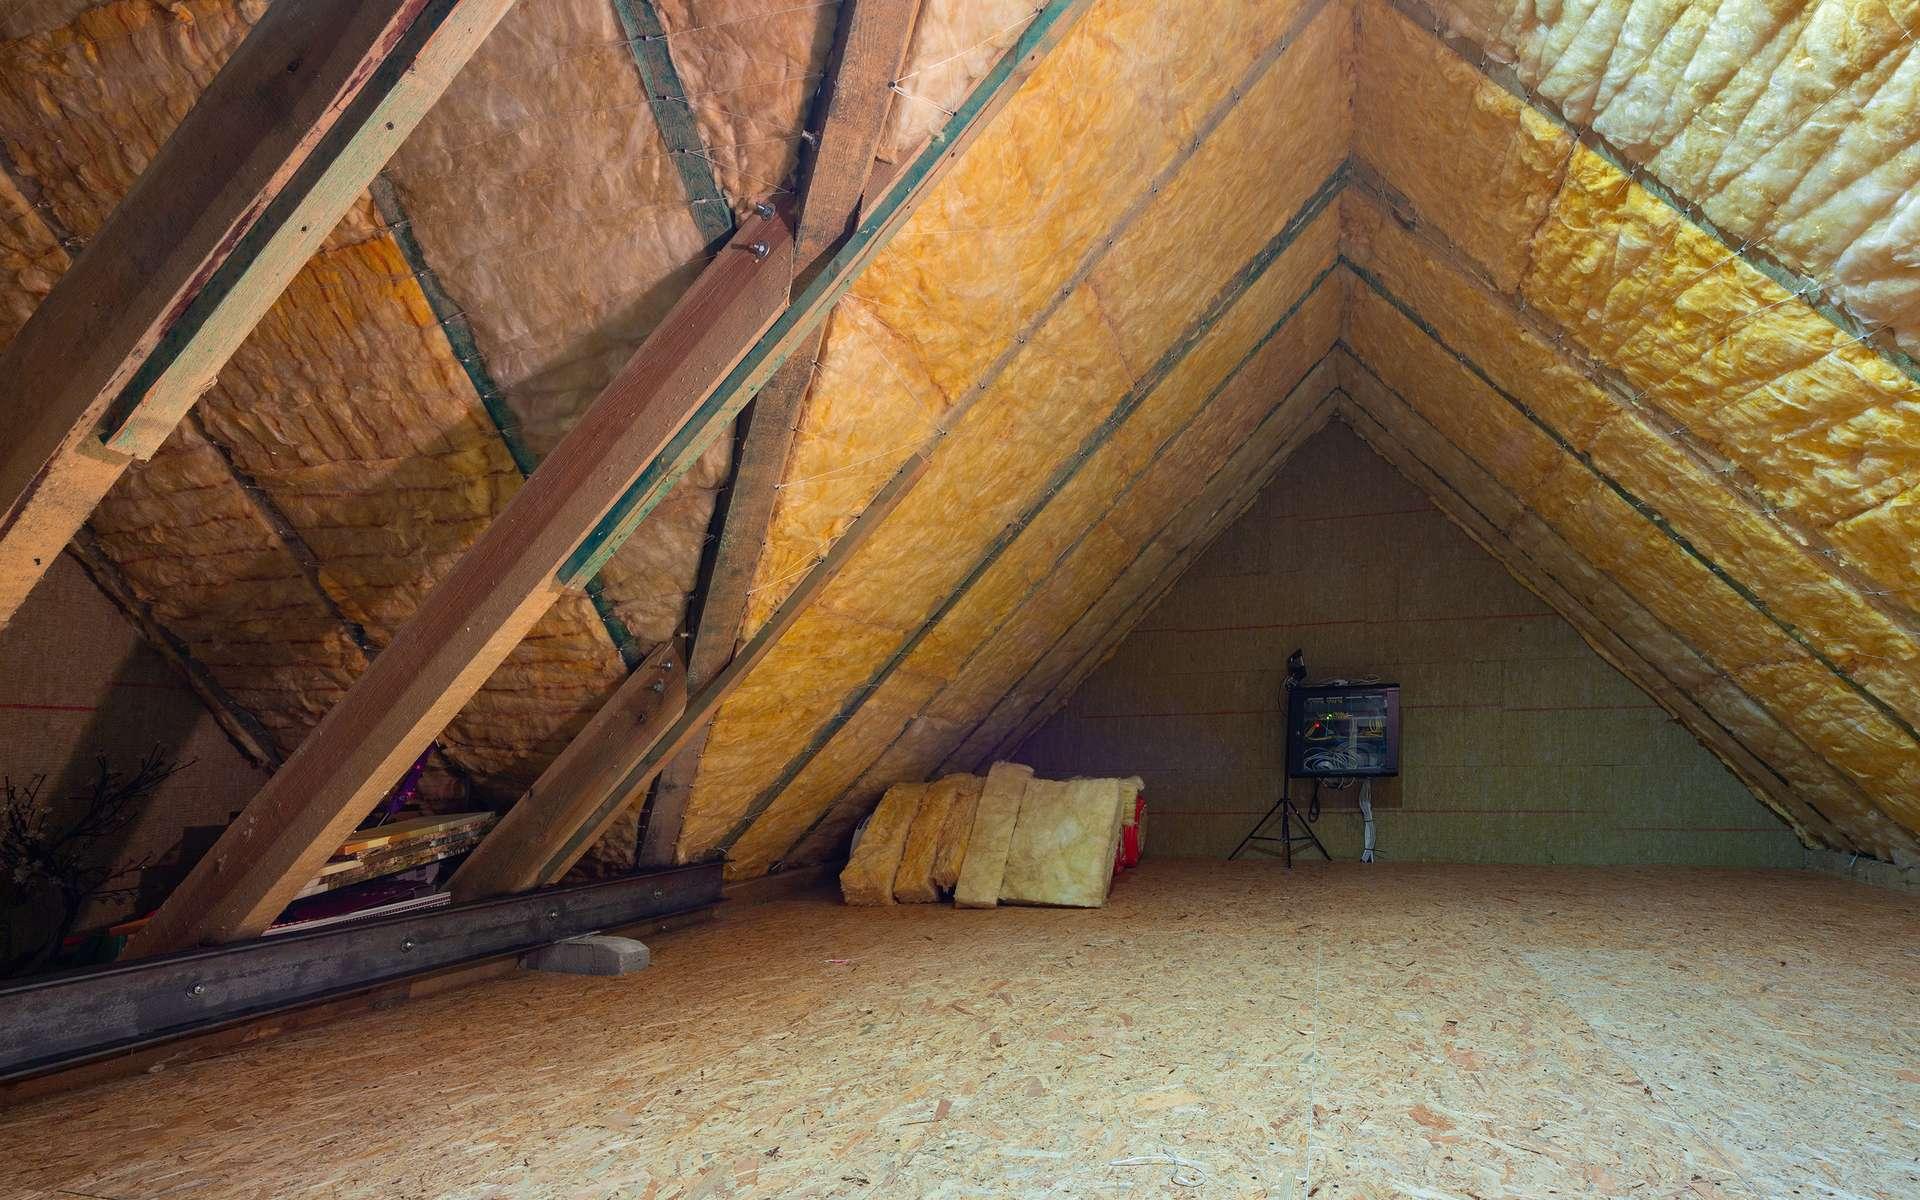 Isolation thermique des combles d'une maison. ©Patryk Kosmider, Adobe Stock